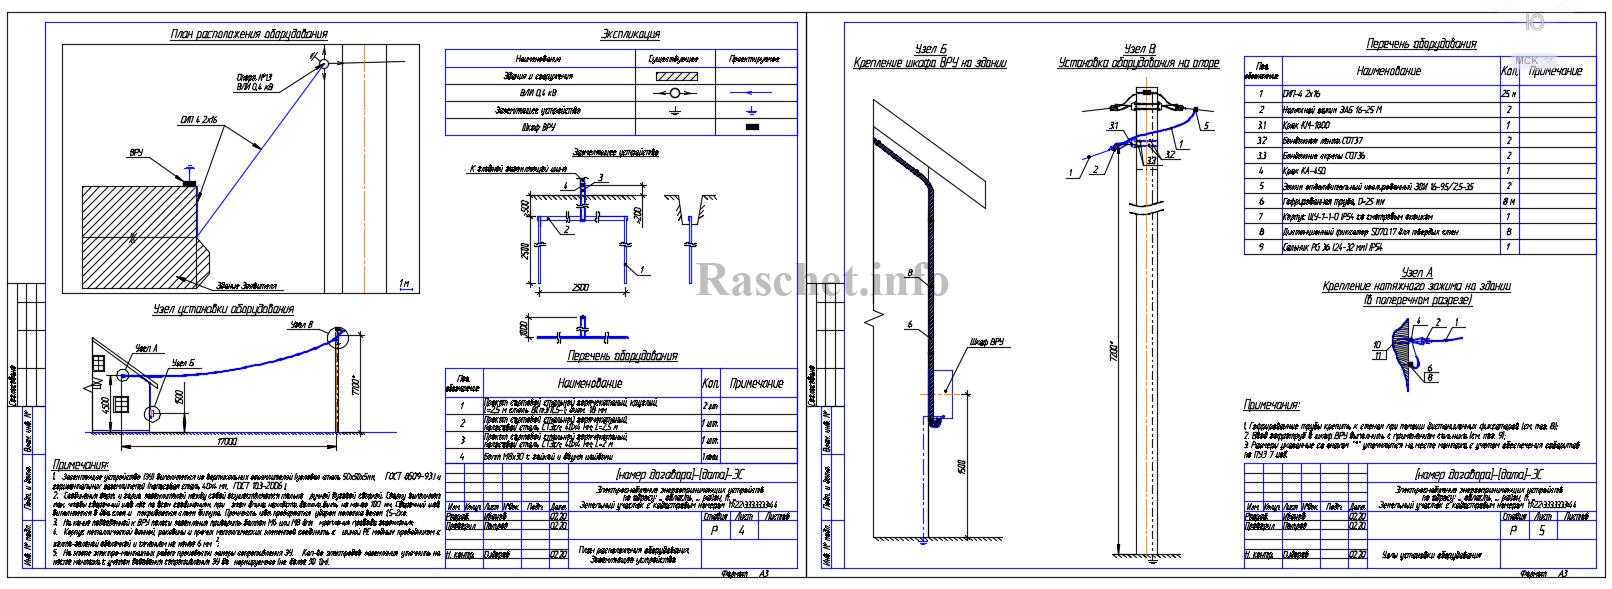 Проект на подключение электричества к частному дому листы 4-5